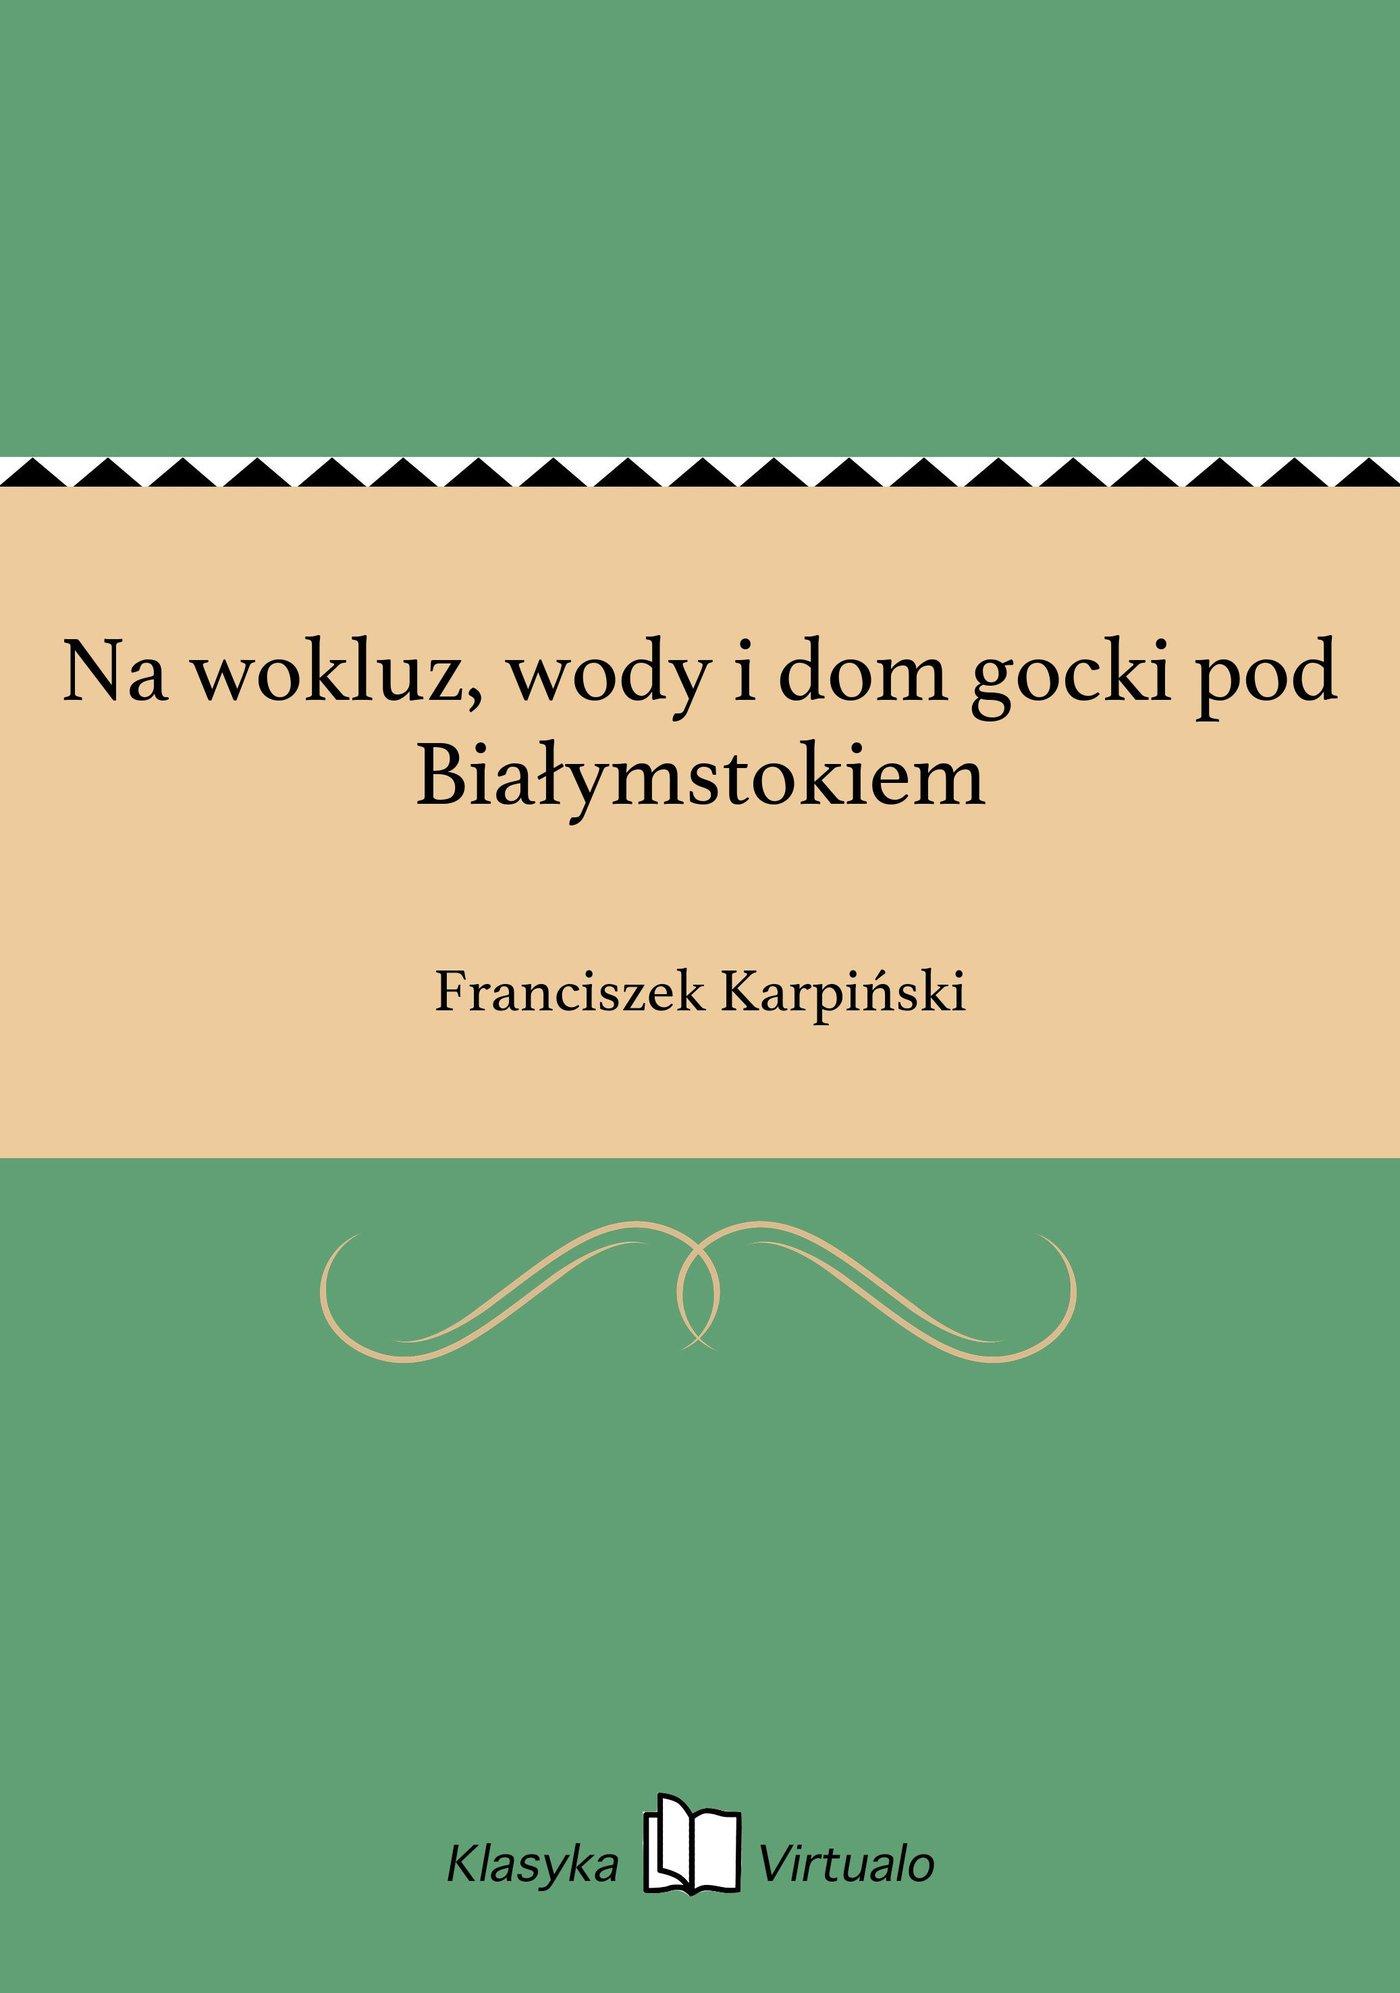 Na wokluz, wody i dom gocki pod Białymstokiem - Ebook (Książka na Kindle) do pobrania w formacie MOBI